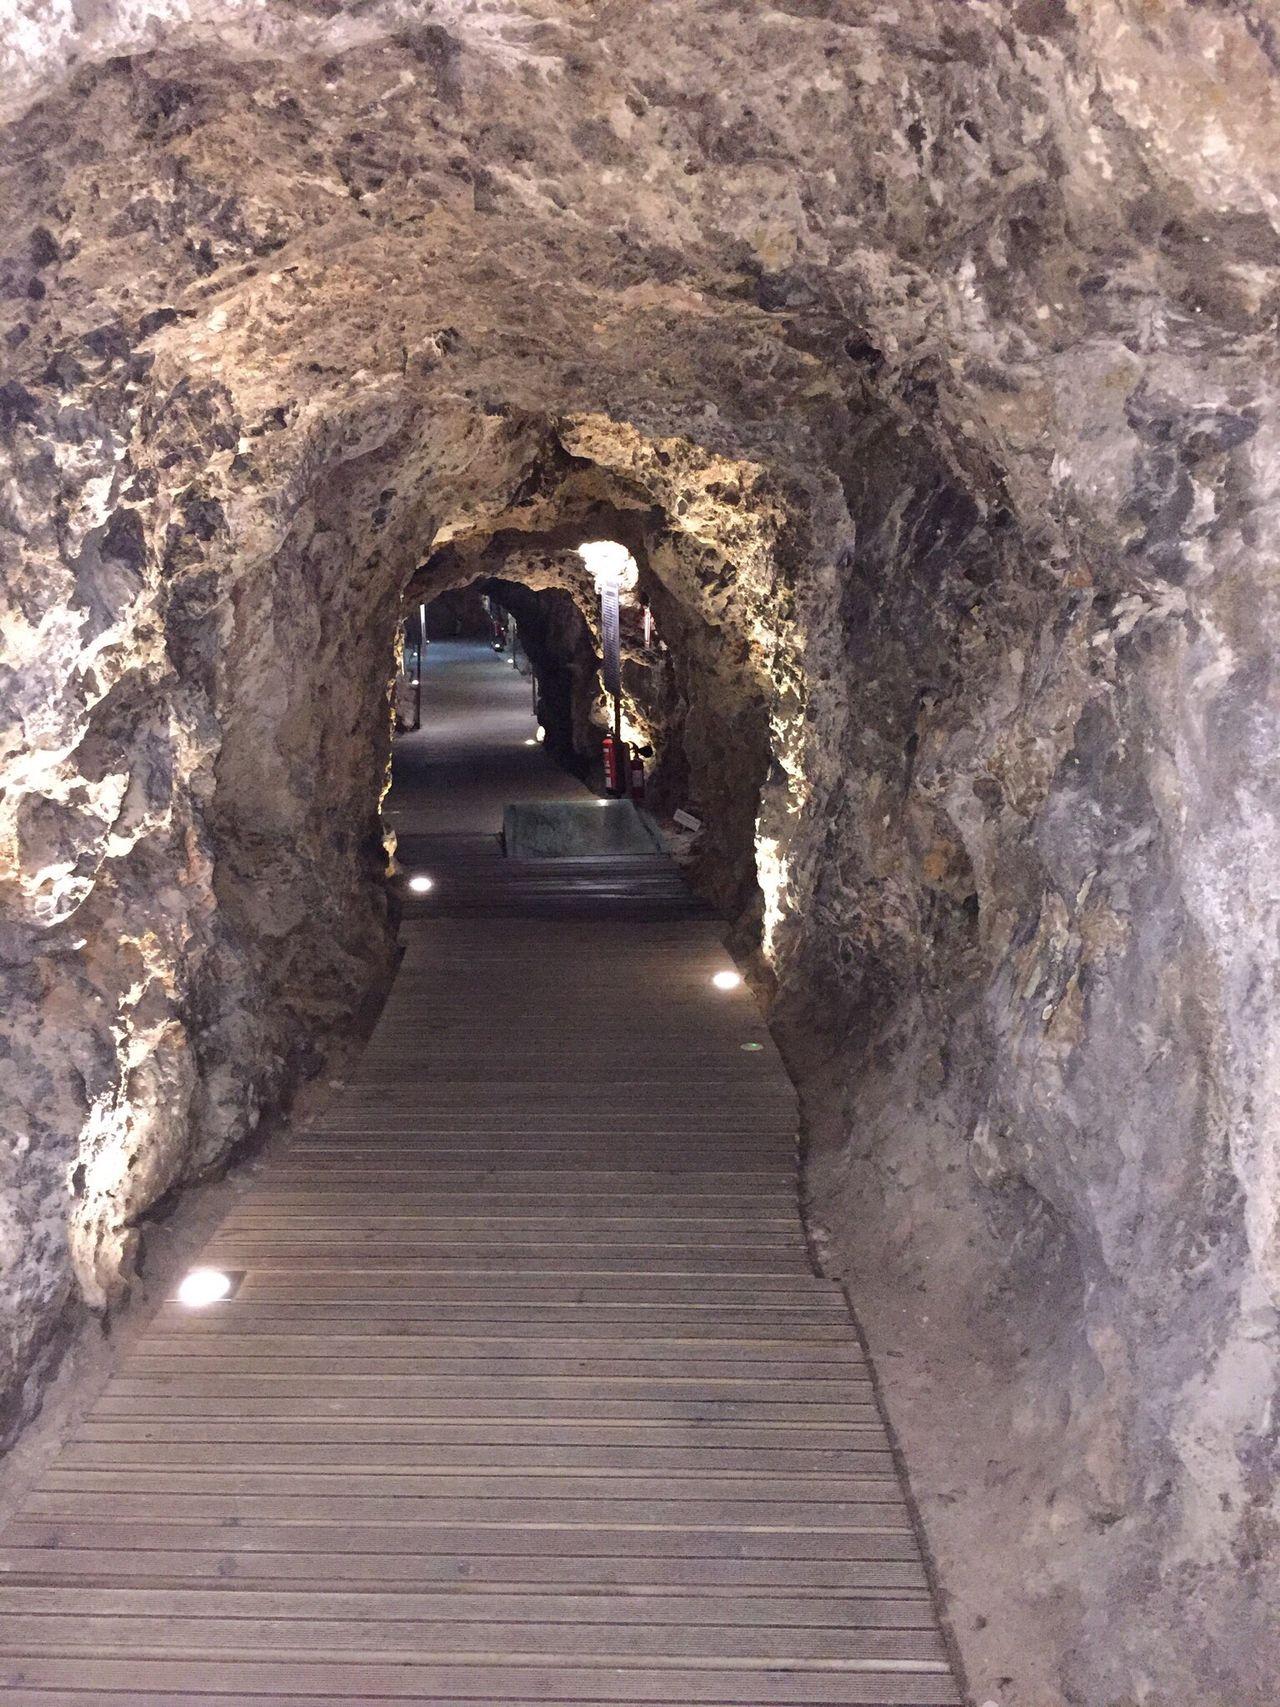 Cueva Cuenca Beauty In Nature Tunnel Rock - Object Cave Nature Beauty In Nature Built Structure Tranquility No People SPAIN España🇪🇸